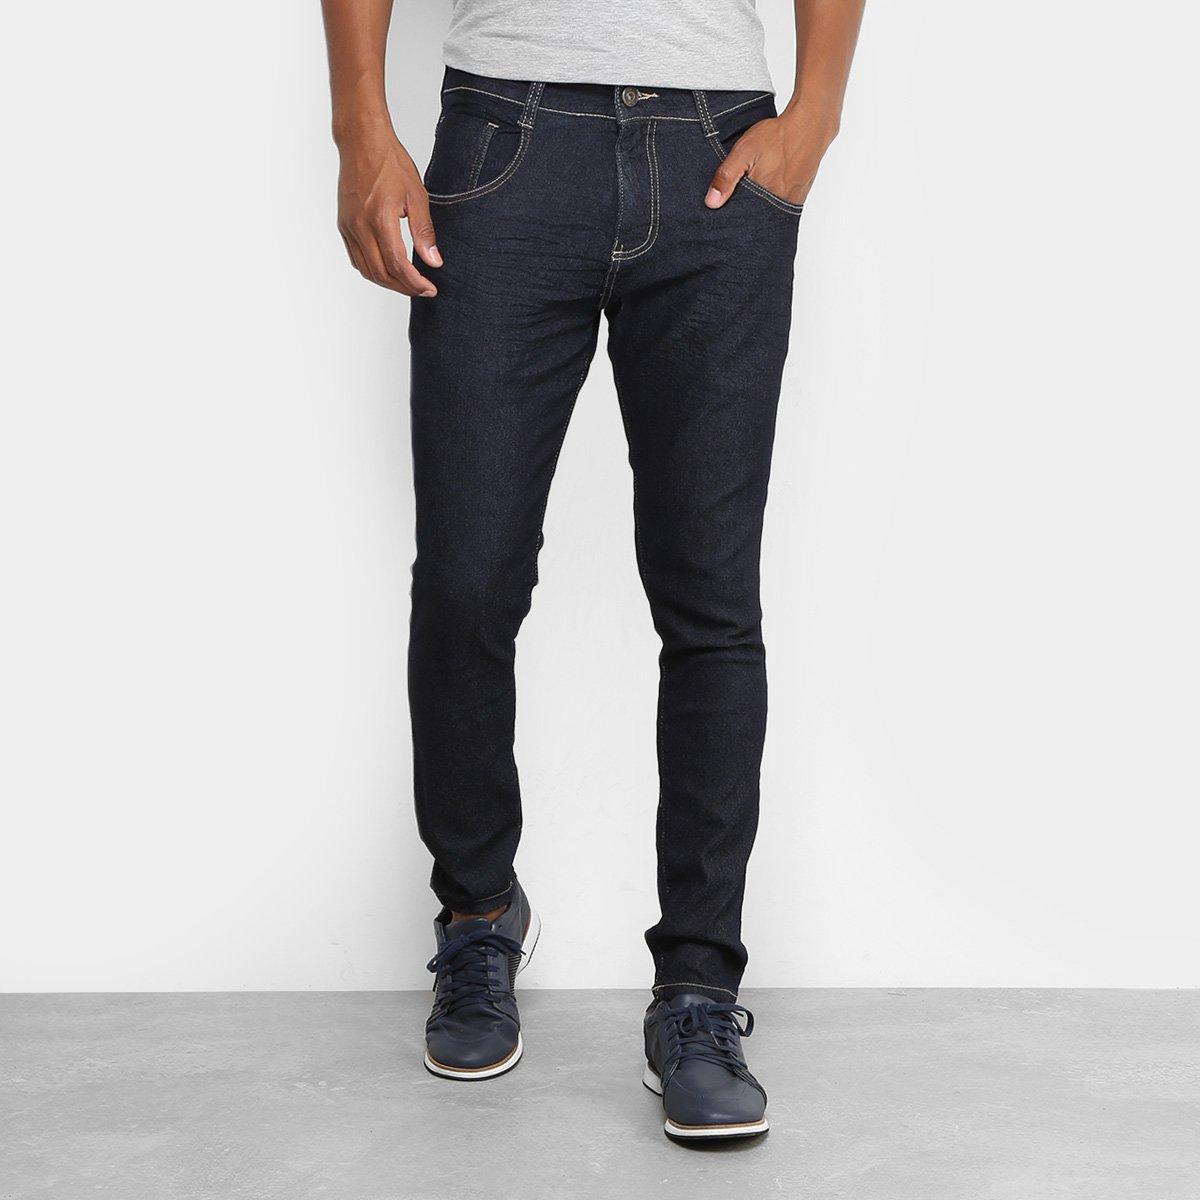 29de3183f Calça Jeans Skinny Biotipo Fit Soft Masculina